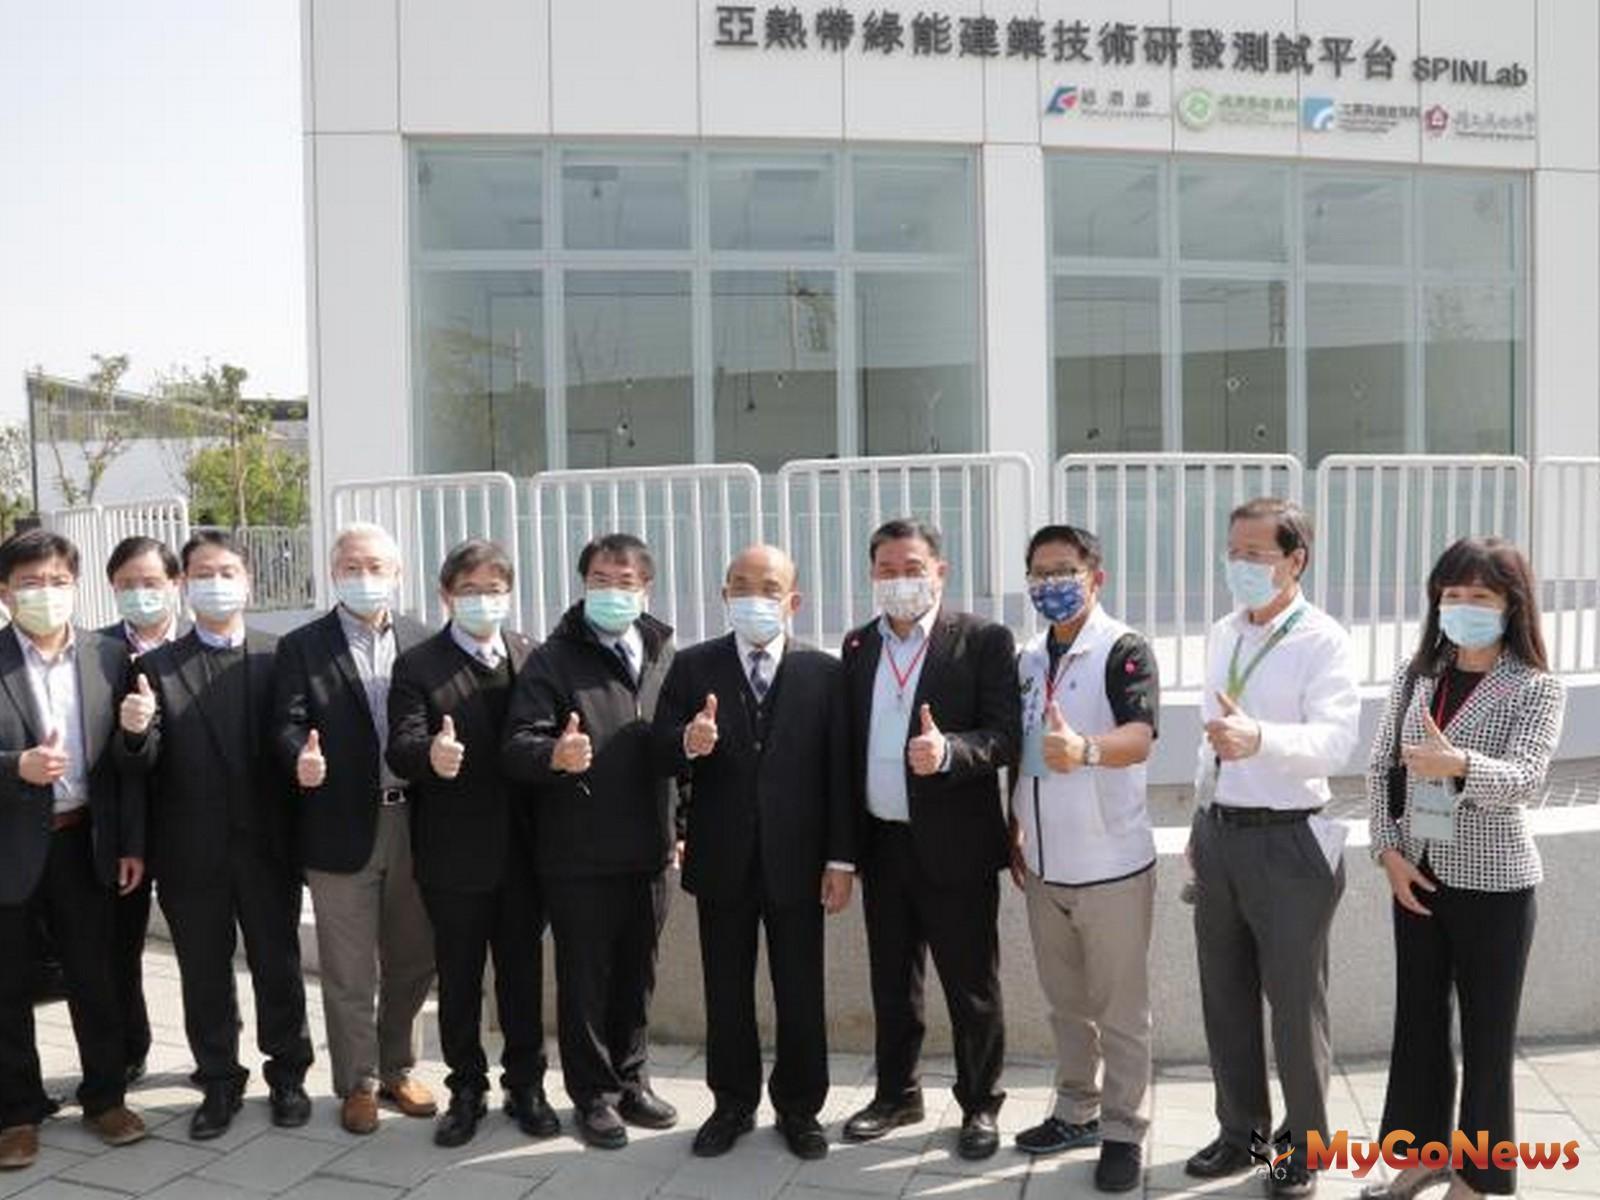 前瞻部署沙崙智慧綠能科學城 蘇揆:聚集人才,讓台南發展更有力 MyGoNews房地產新聞 市場快訊